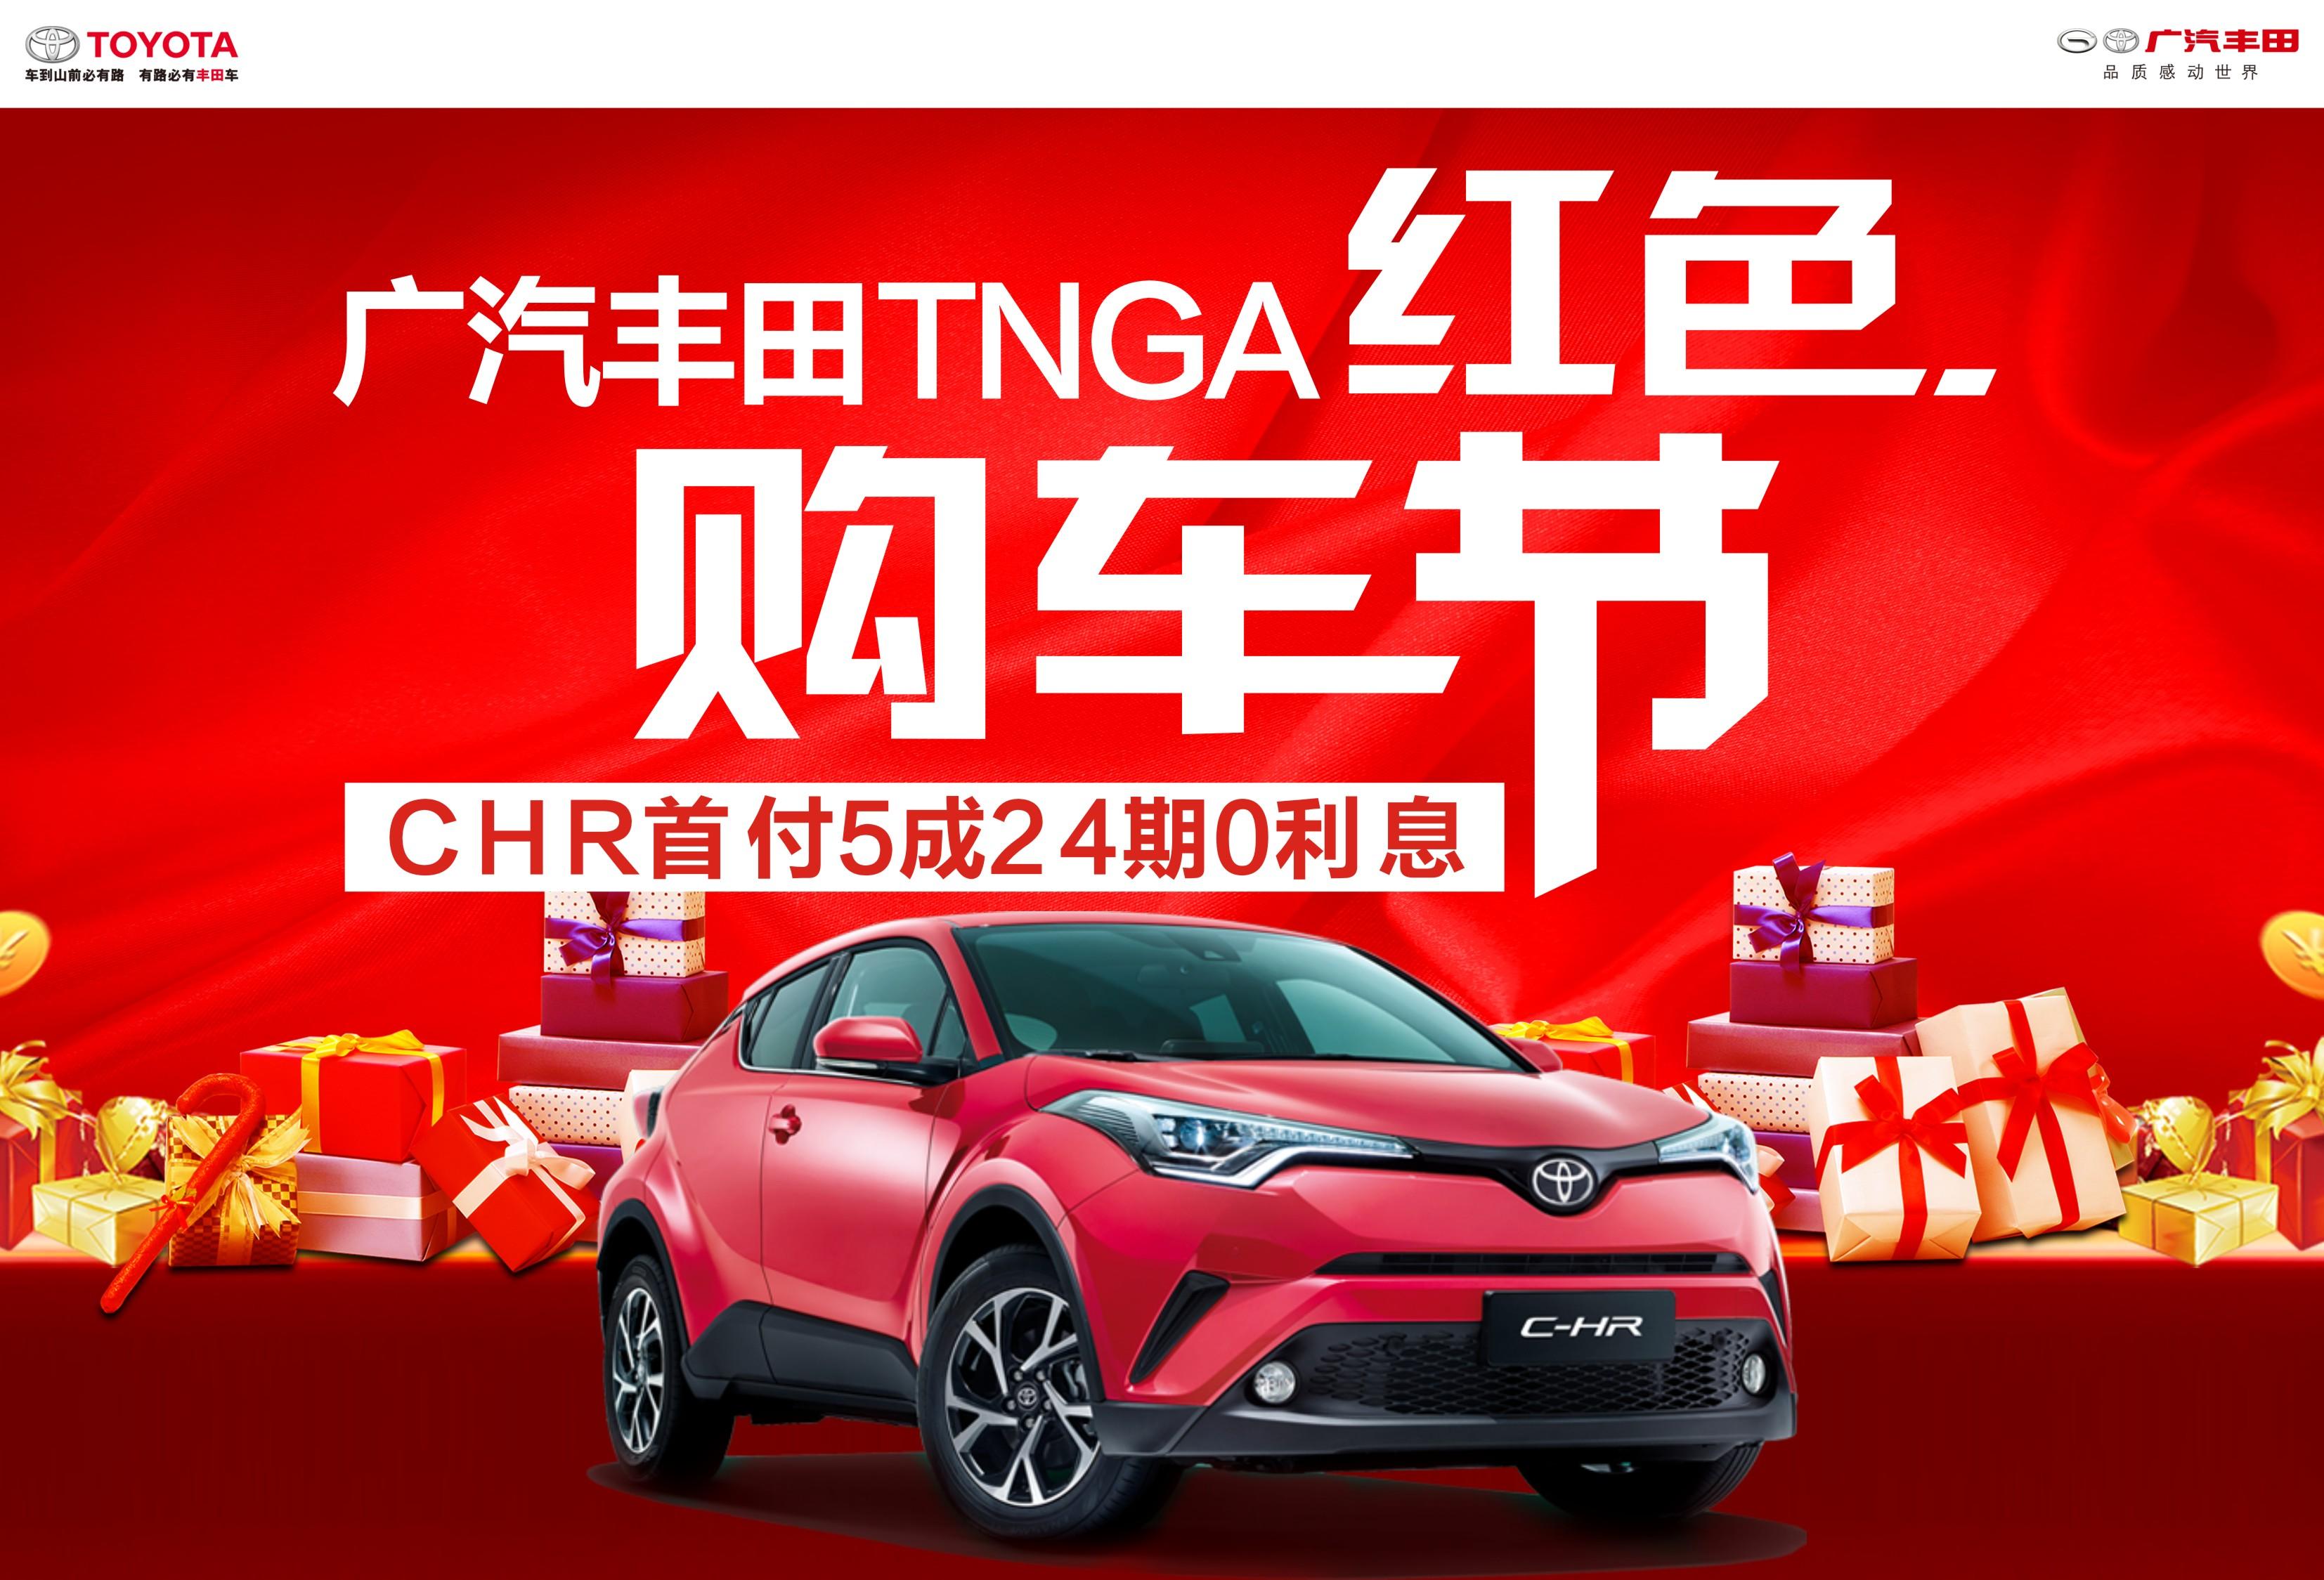 腾讯分分彩TNGA红色购车节,CHR享首付5成24期0利息